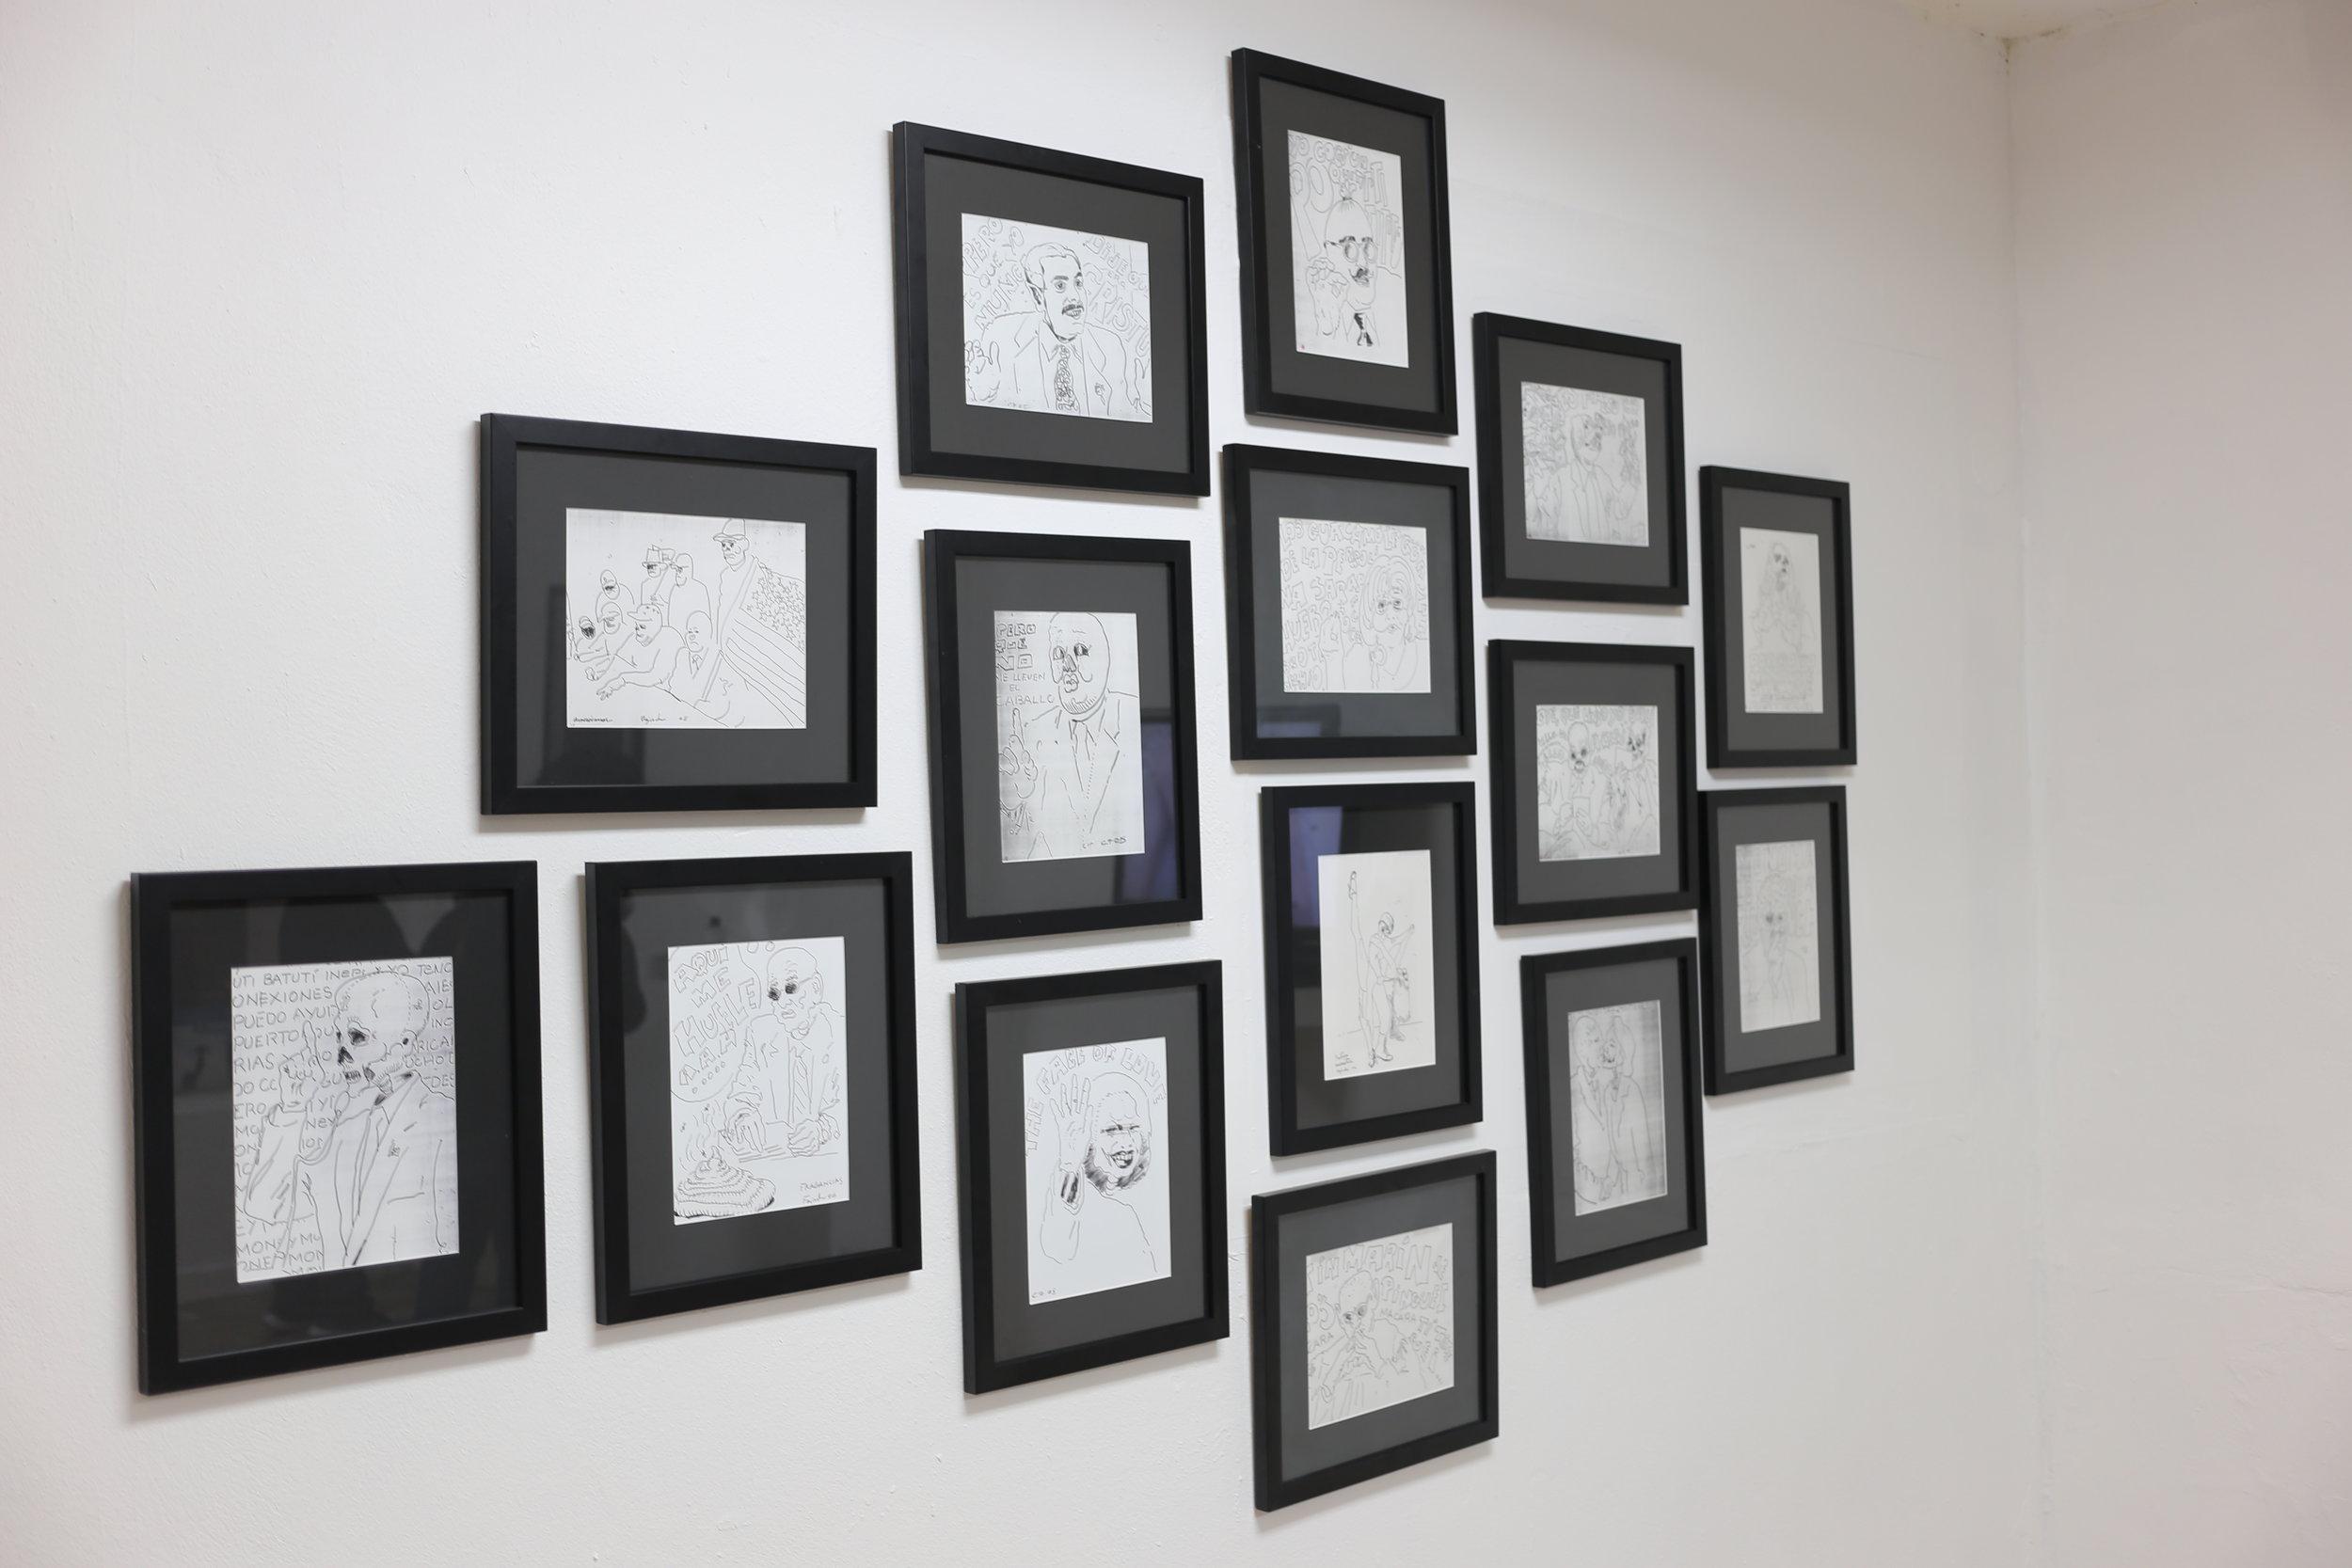 """Carlos Fajardo / Serie de dibujos coloniales, 2005 / Dibujo / 14.5"""" x 17"""""""